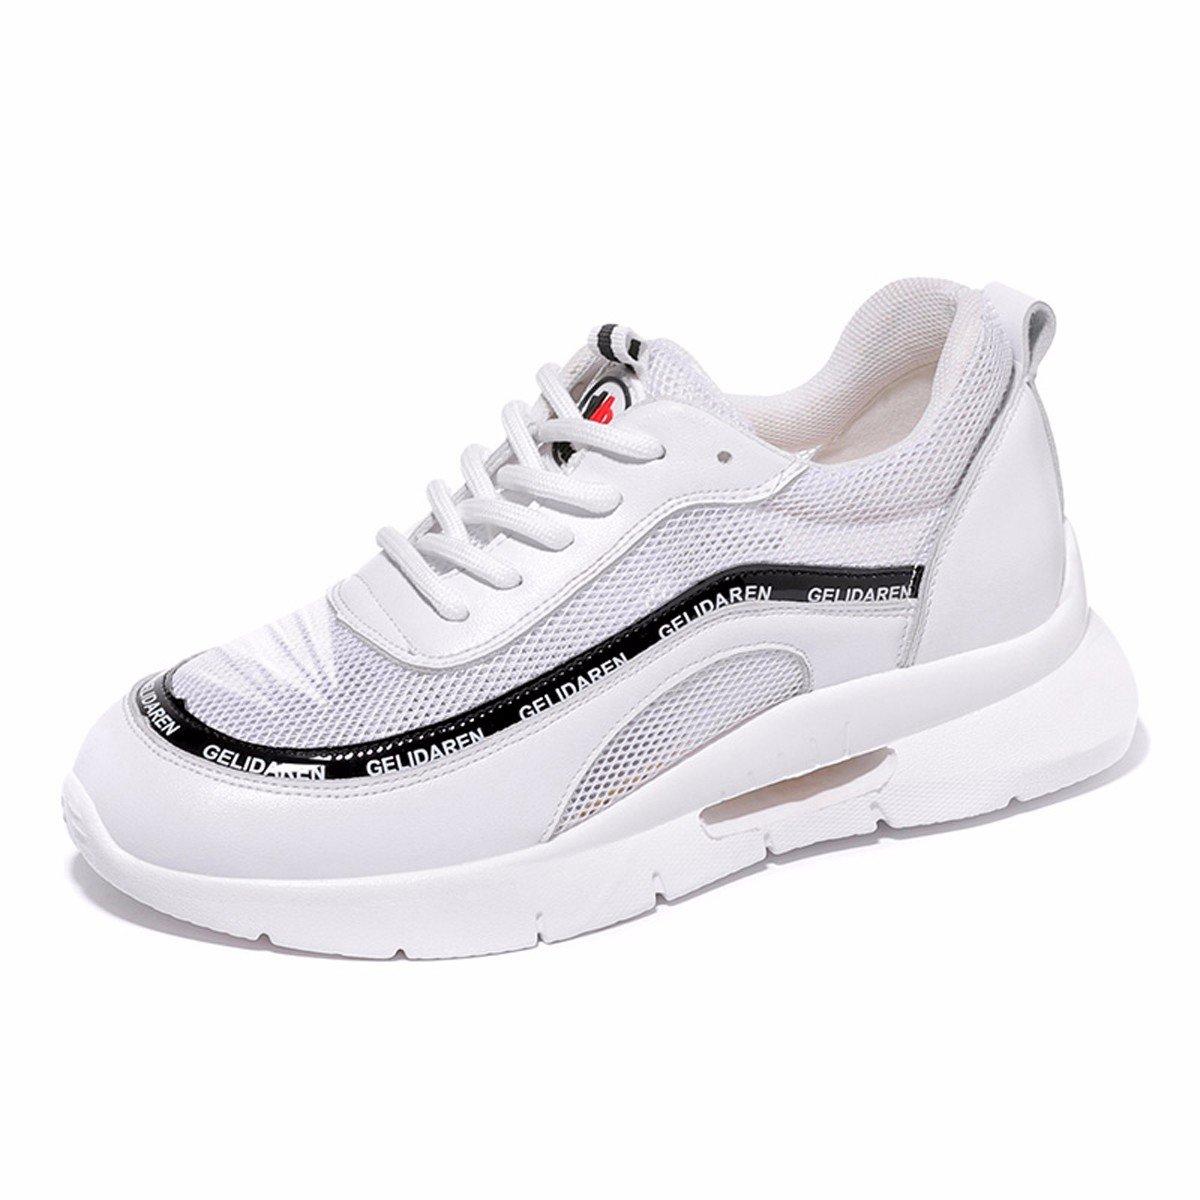 GTVERNH Damen damen Pumps HeelsMädchen Joggen Sommer Studenten Sportliche Schuhe Schuhe